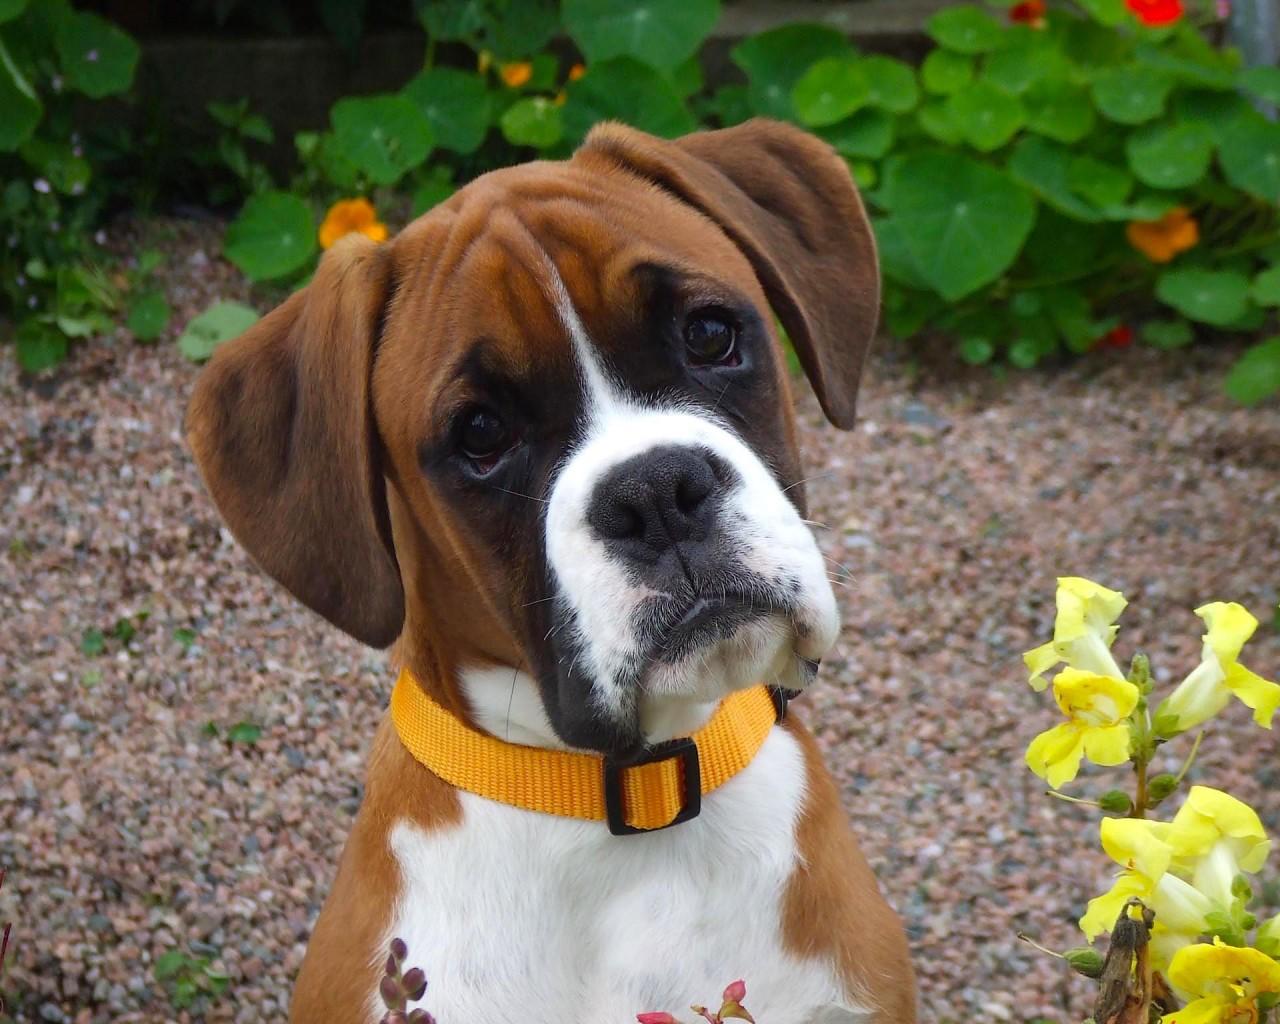 Loyal Boxer Dog Wallpaper | Free HD Downloads